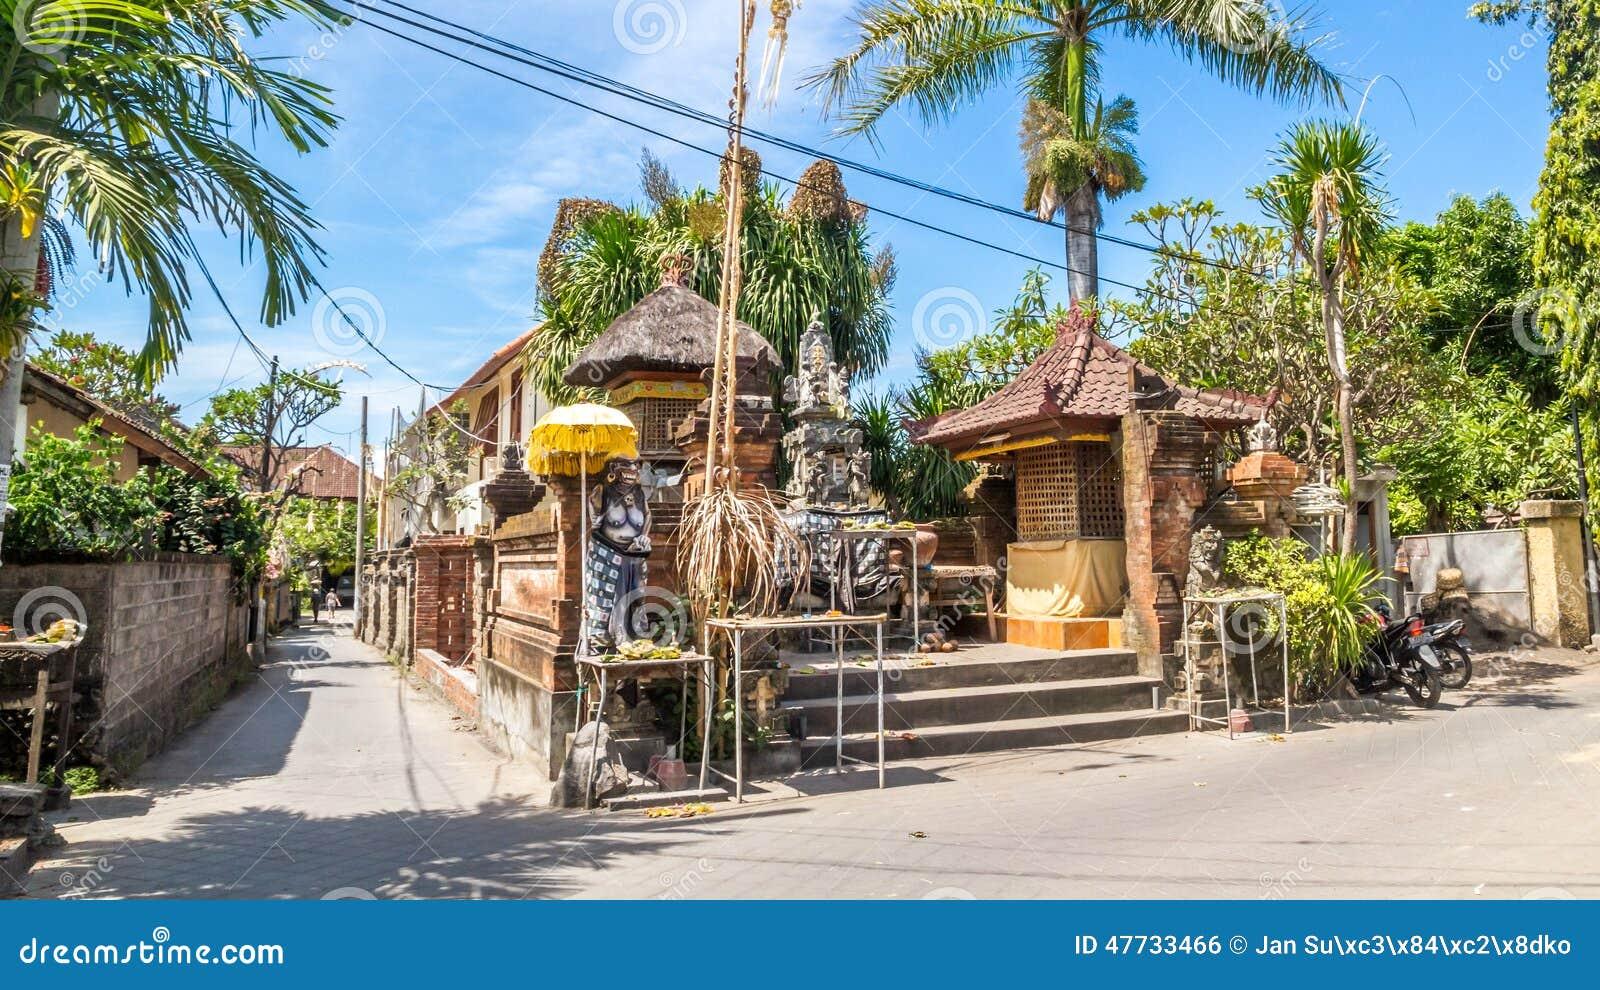 Arquitetura típica do balinese, casa no sanur